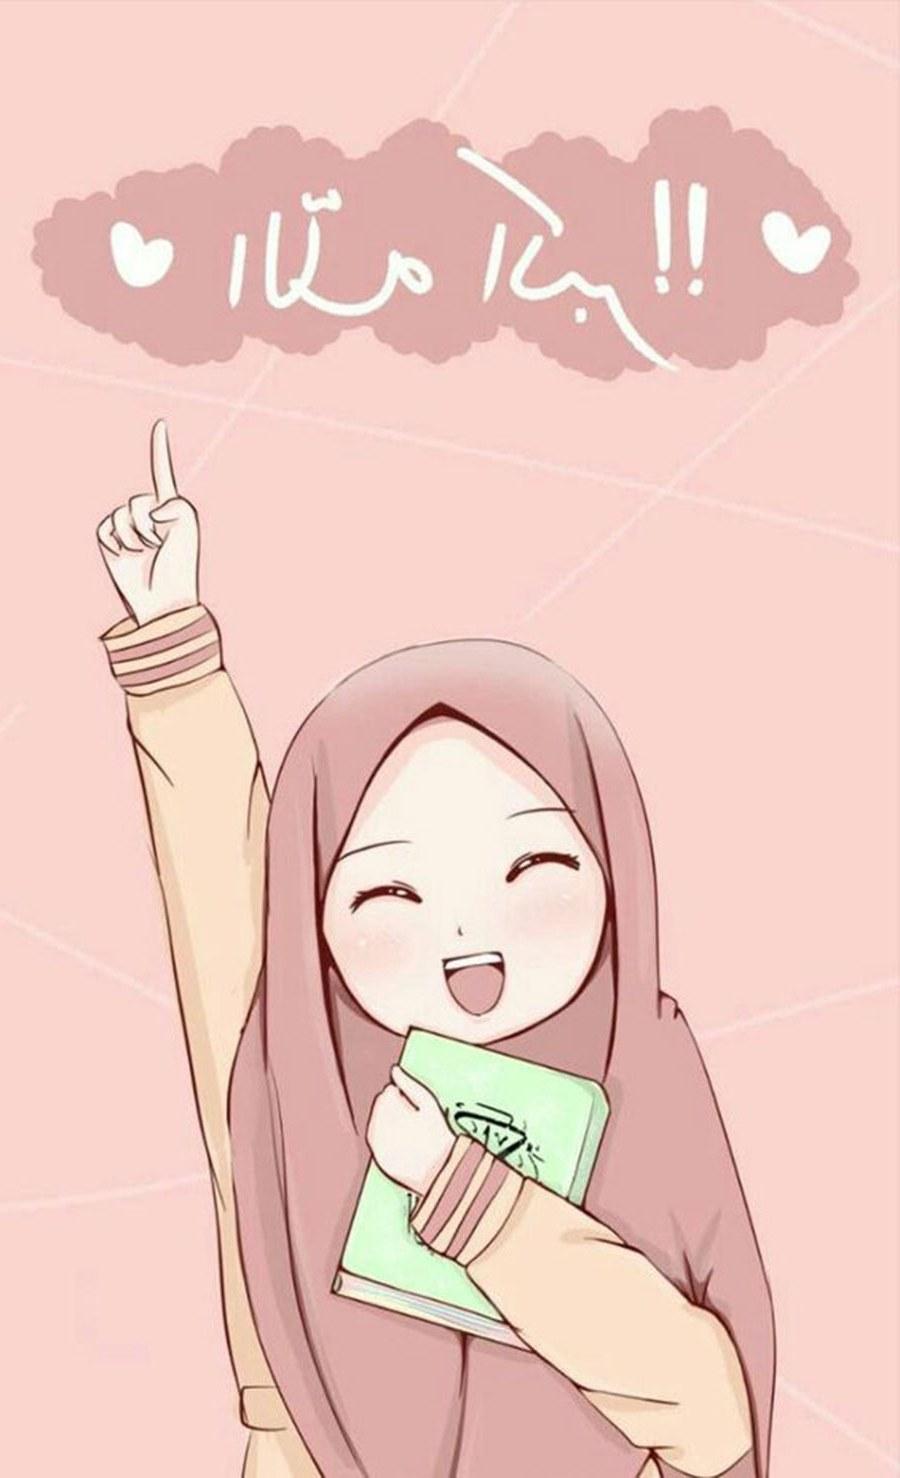 Inspirasi Muslimah Kartun Lucu Ffdn 1000 Gambar Kartun Muslimah Cantik Bercadar Kacamata El